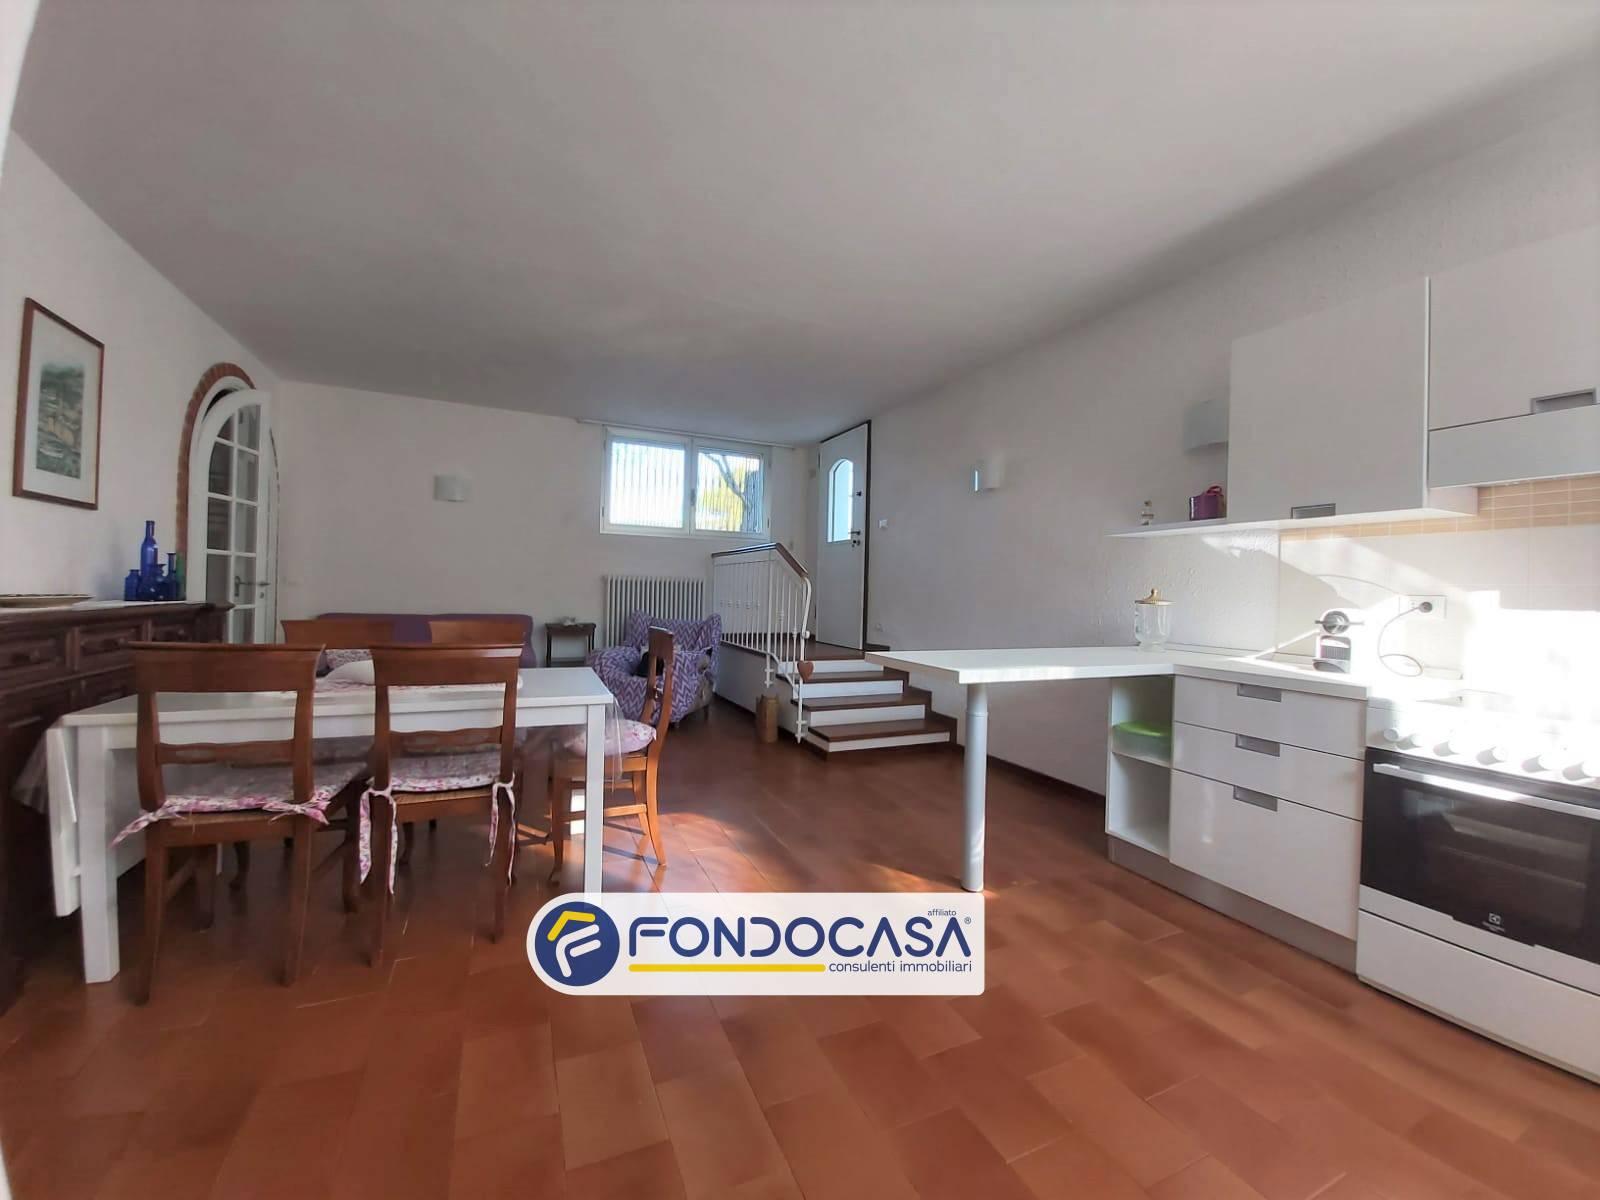 Appartamento in affitto a Andora, 3 locali, zona Località: SanGiovanni, prezzo € 650   CambioCasa.it